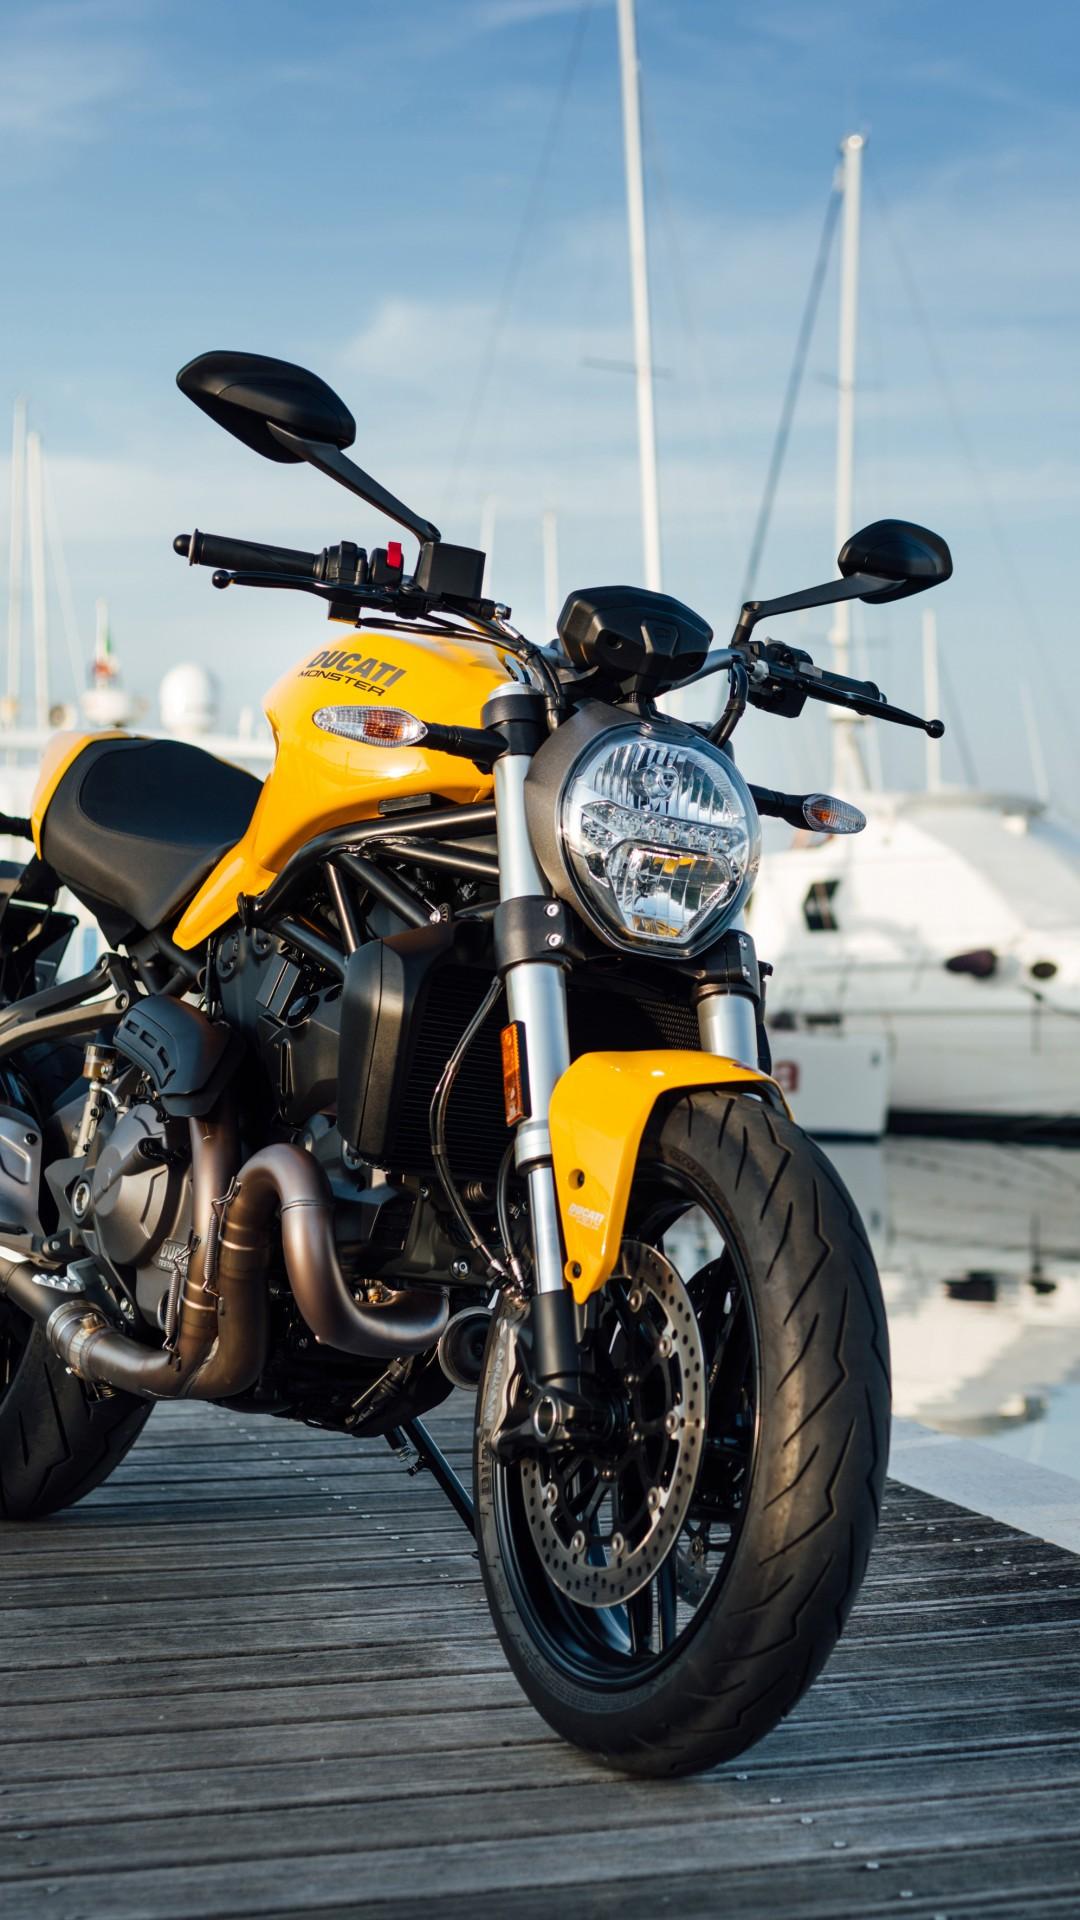 Wallpaper Ducati Monster 821, 2018 Bikes, 4k, Cars & Bikes